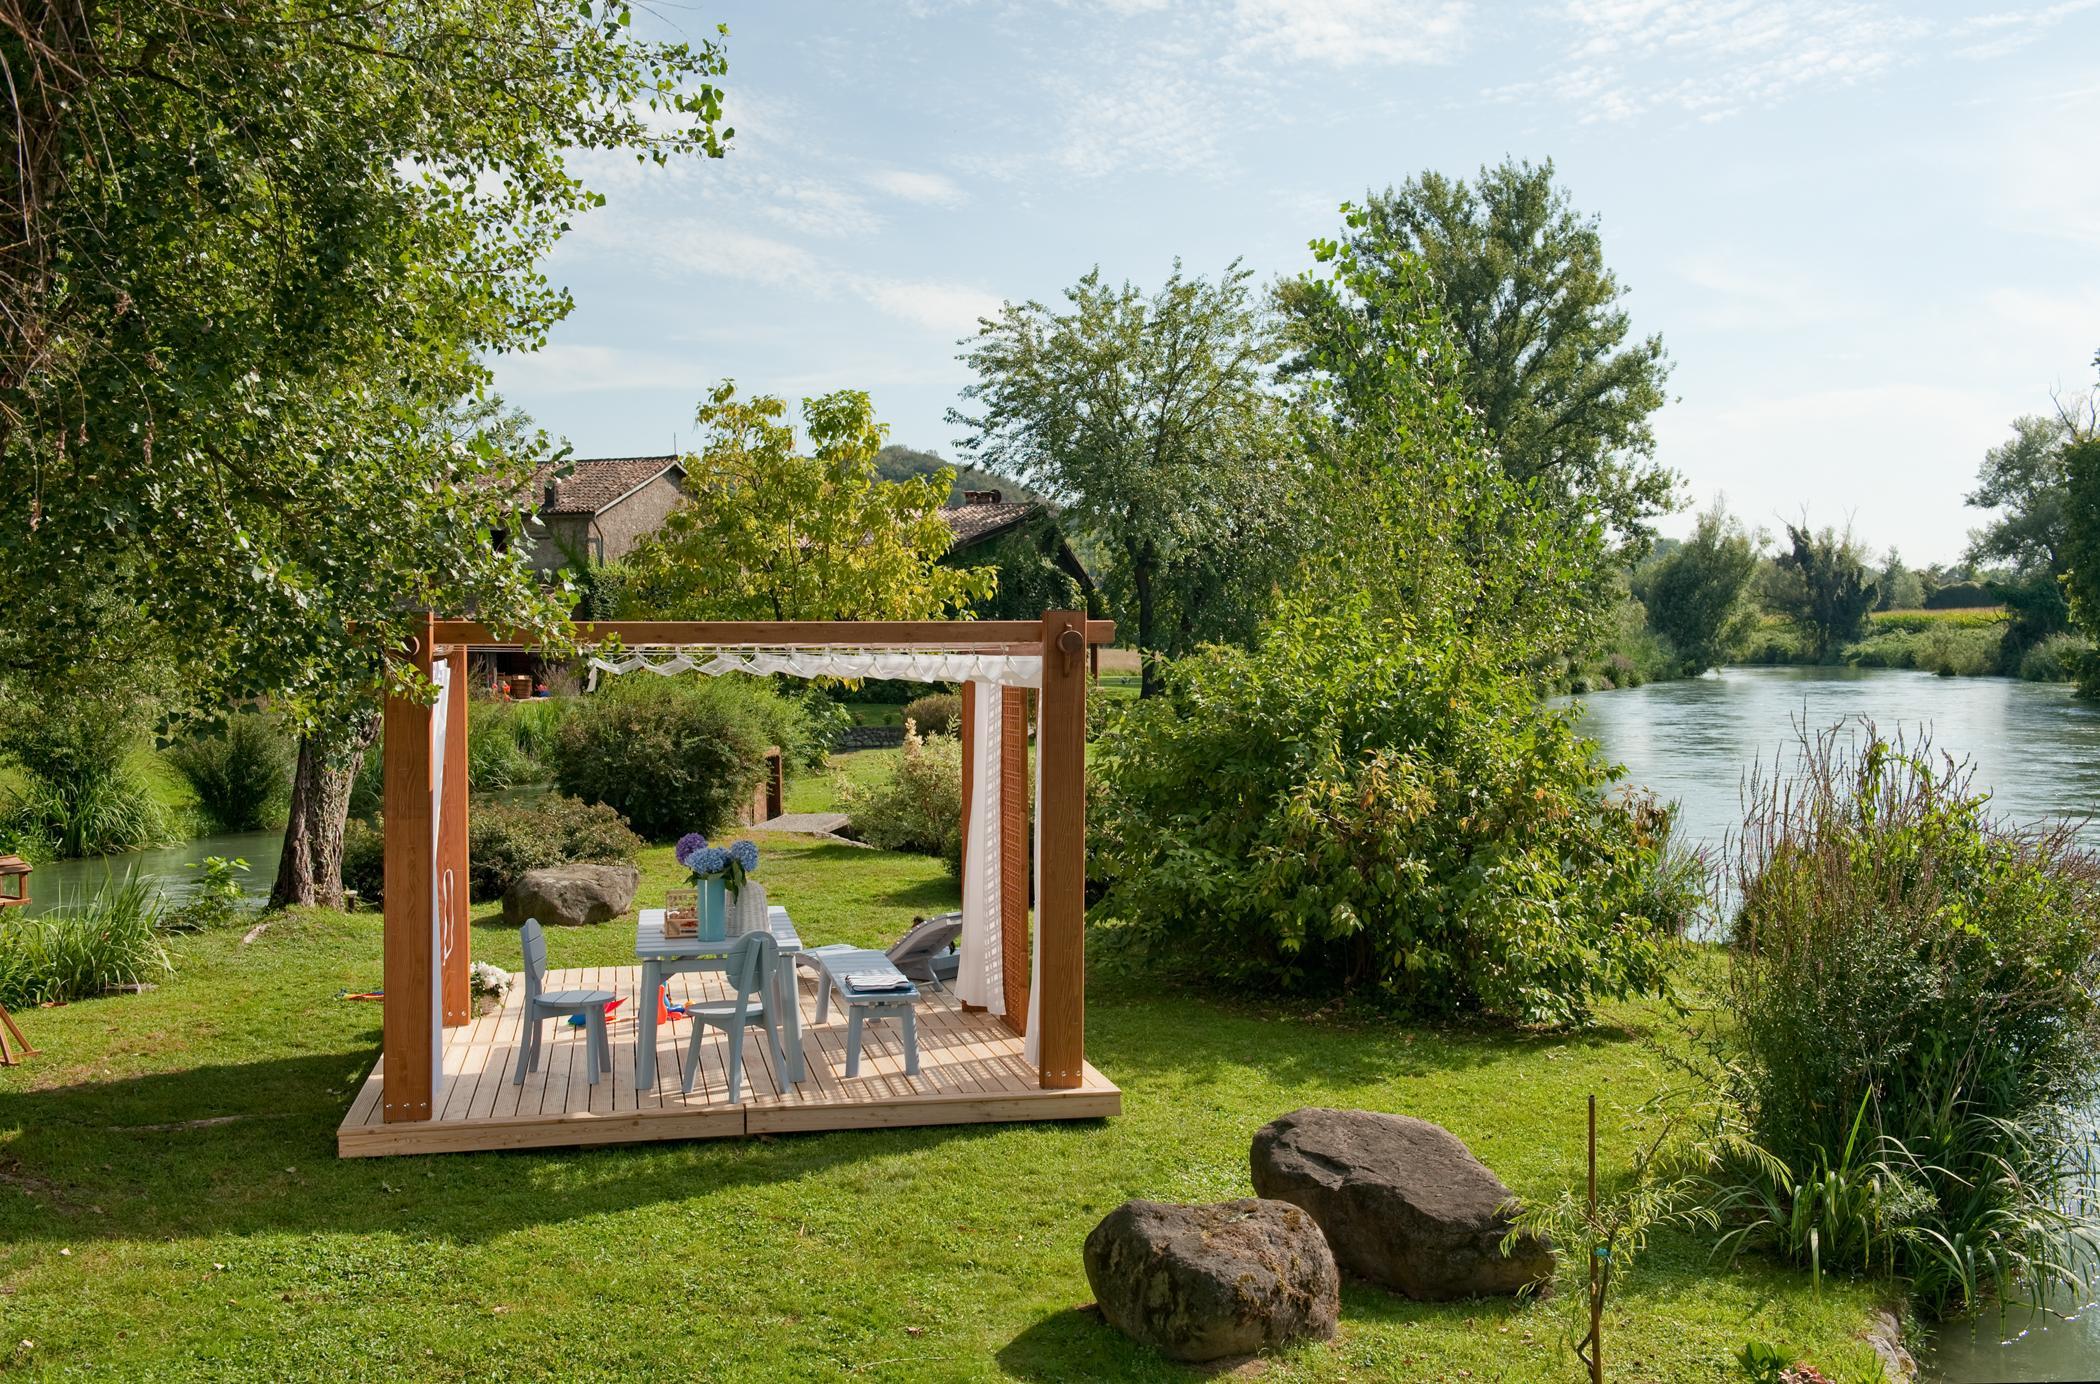 Full Size of Terrassen Pavillon Wasserdicht Terrasse Bauhaus Test Kaufen Obi Freistehend Garten Wohnzimmer Terrassen Pavillon